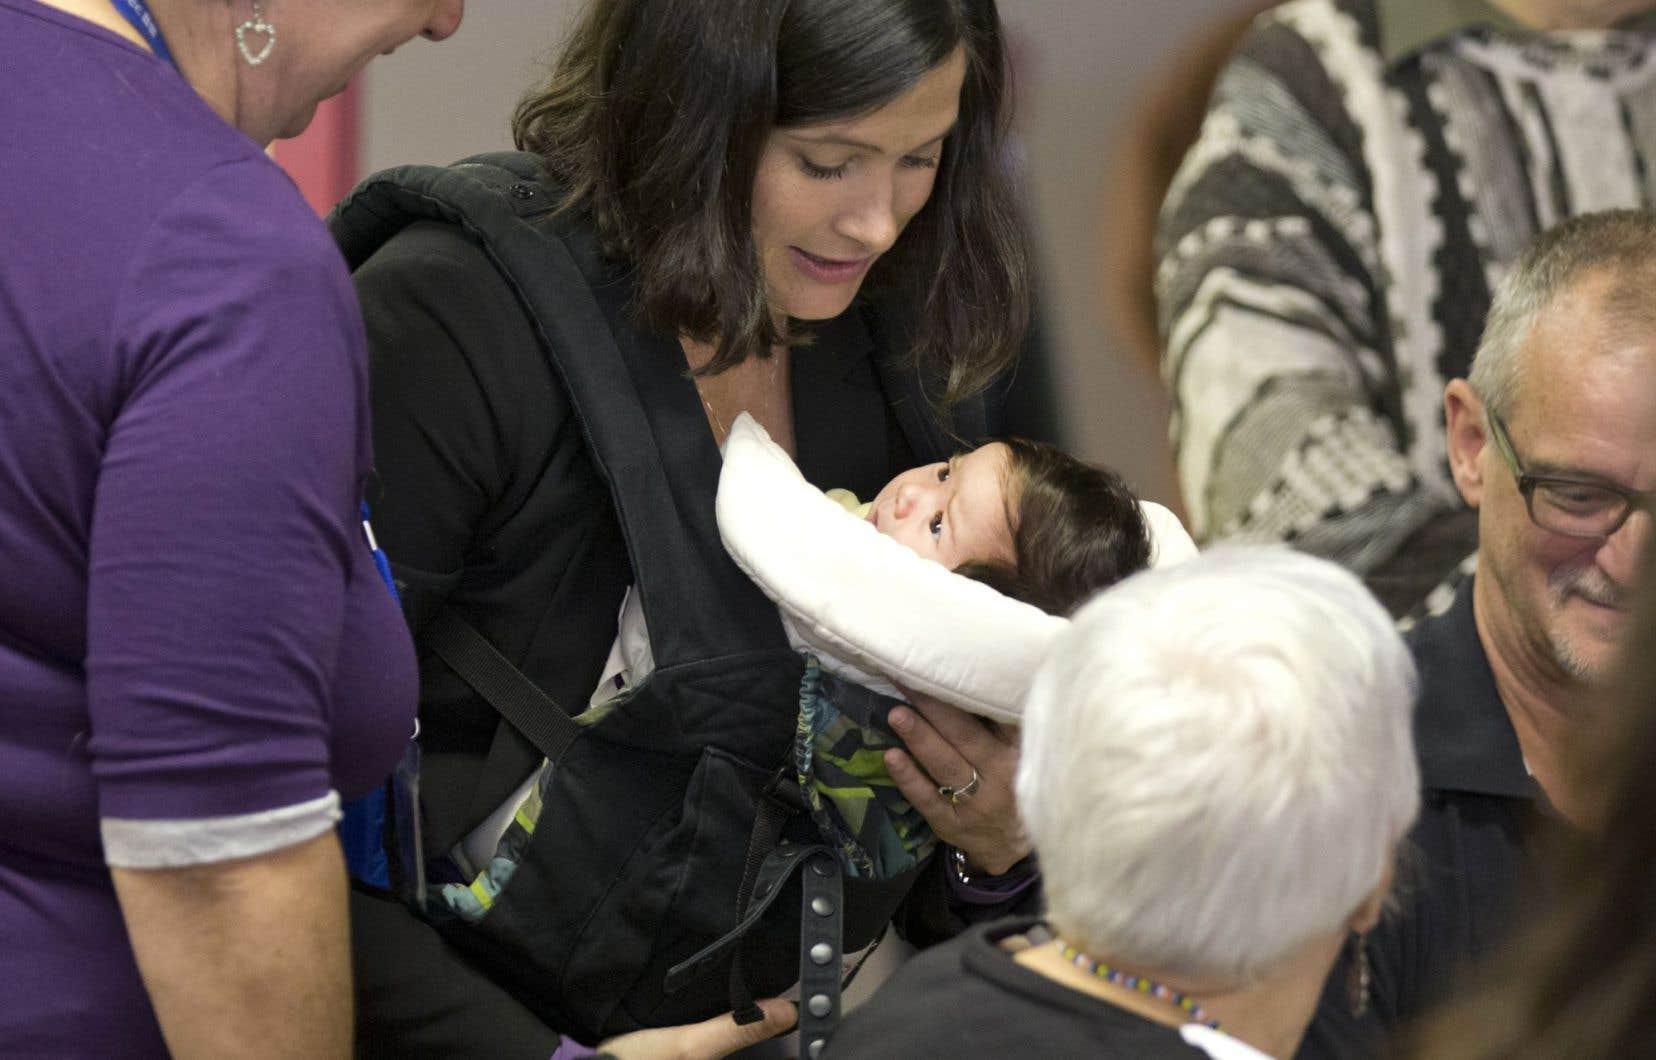 La candidate libérale Christine Poirier était au débat en compagnie de sa petite fille, Florence, née en pleine campagne électorale.